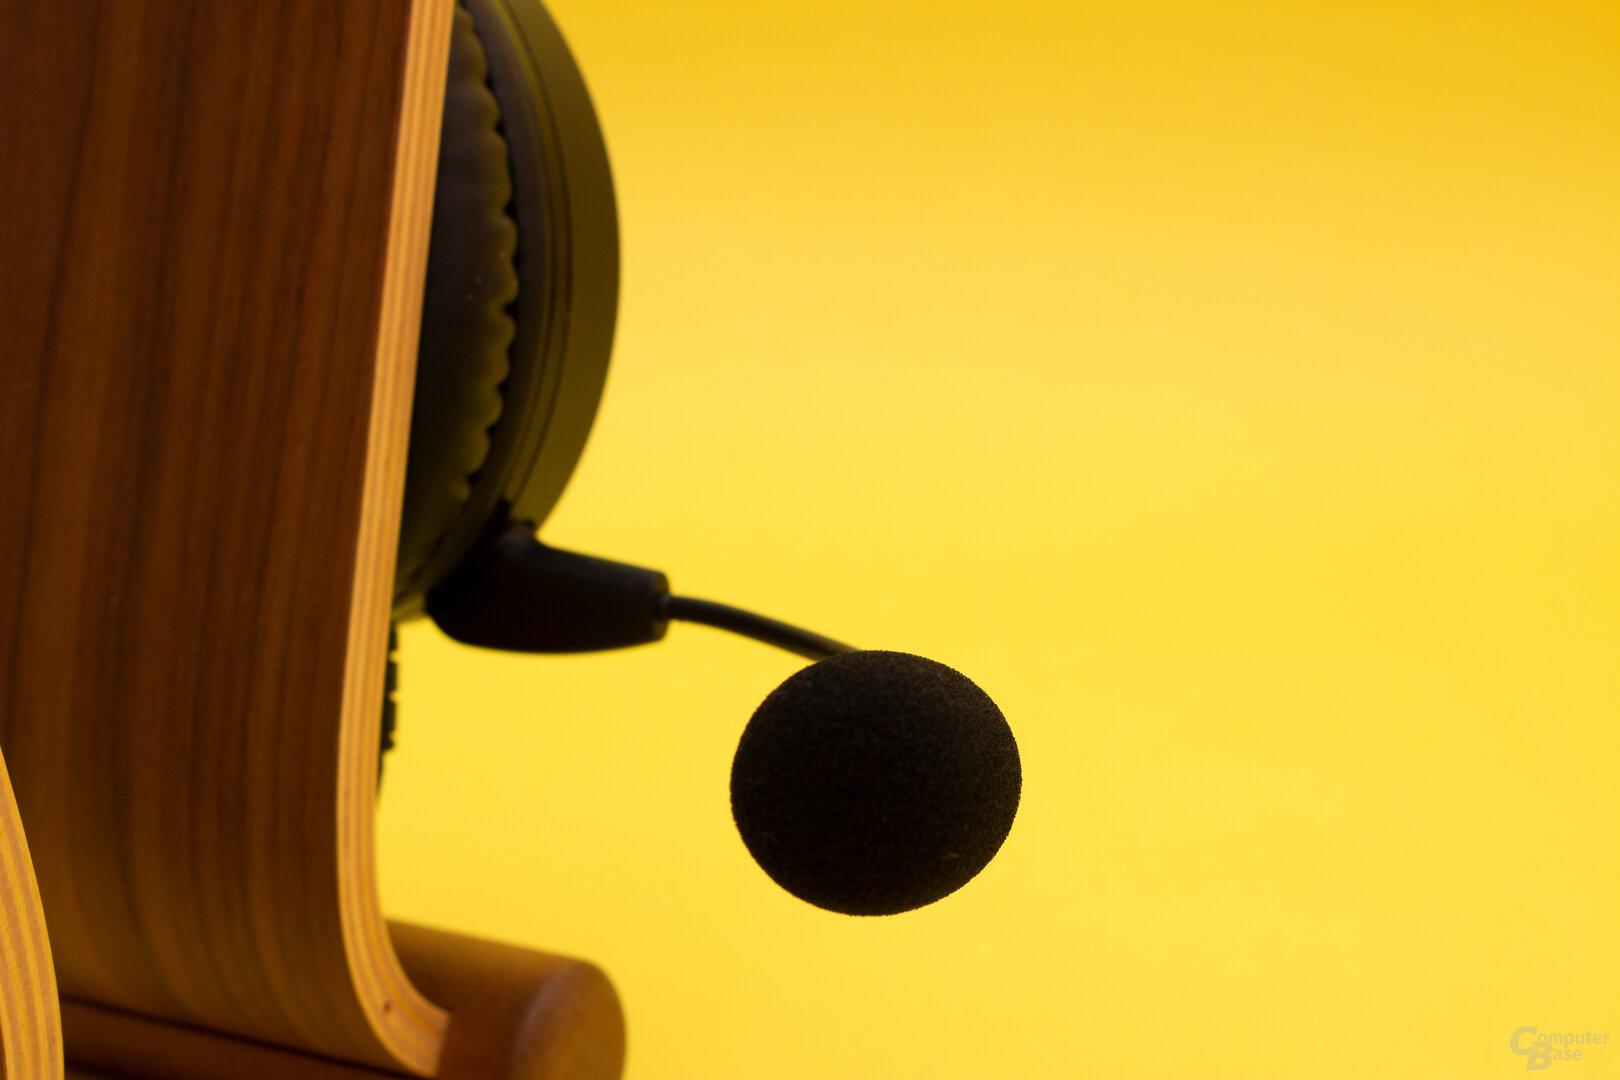 Das gute Mikrofon hat das LX 30 von seinem großen Bruder geerbt